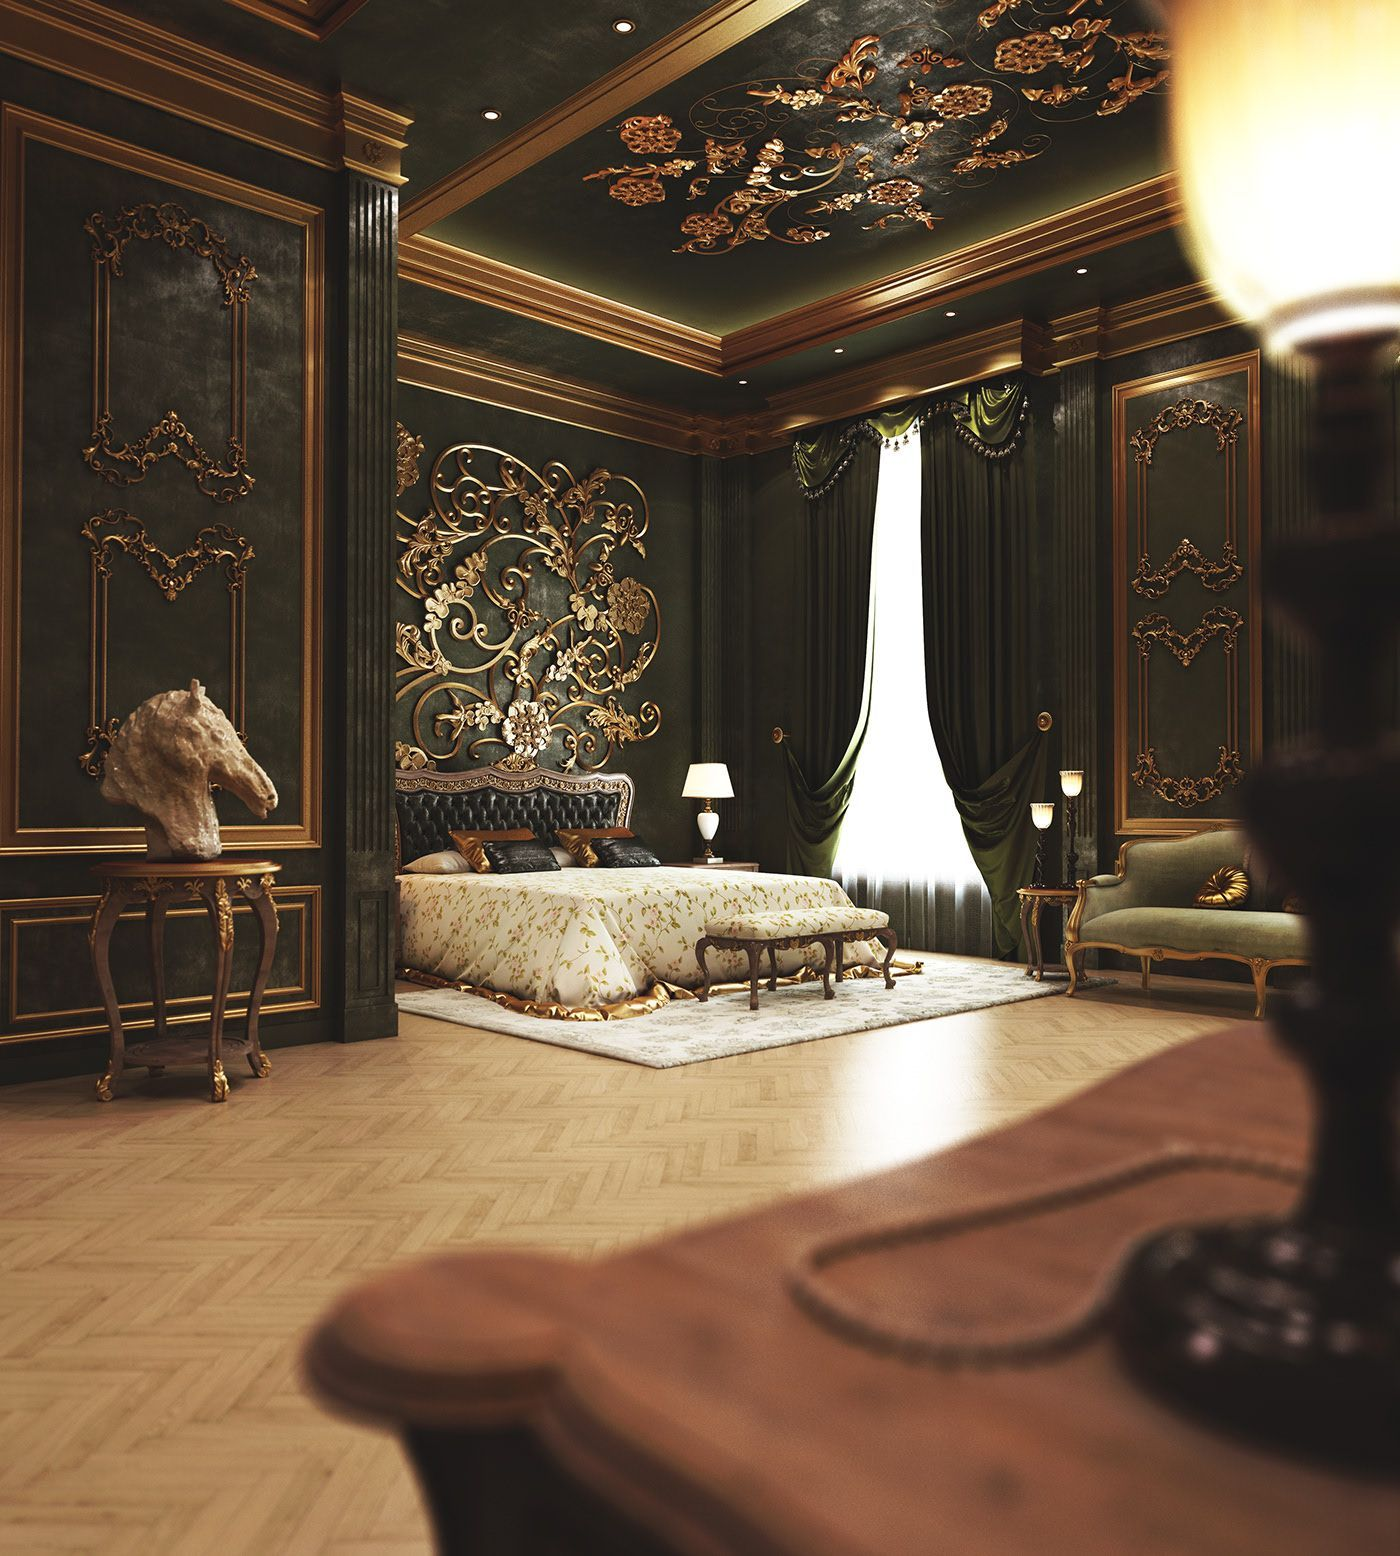 11 Interior Bedroom Design Classic Luxury Bedroom Design Luxurious Bedrooms Royal Bedroom Classic luxury room pictures